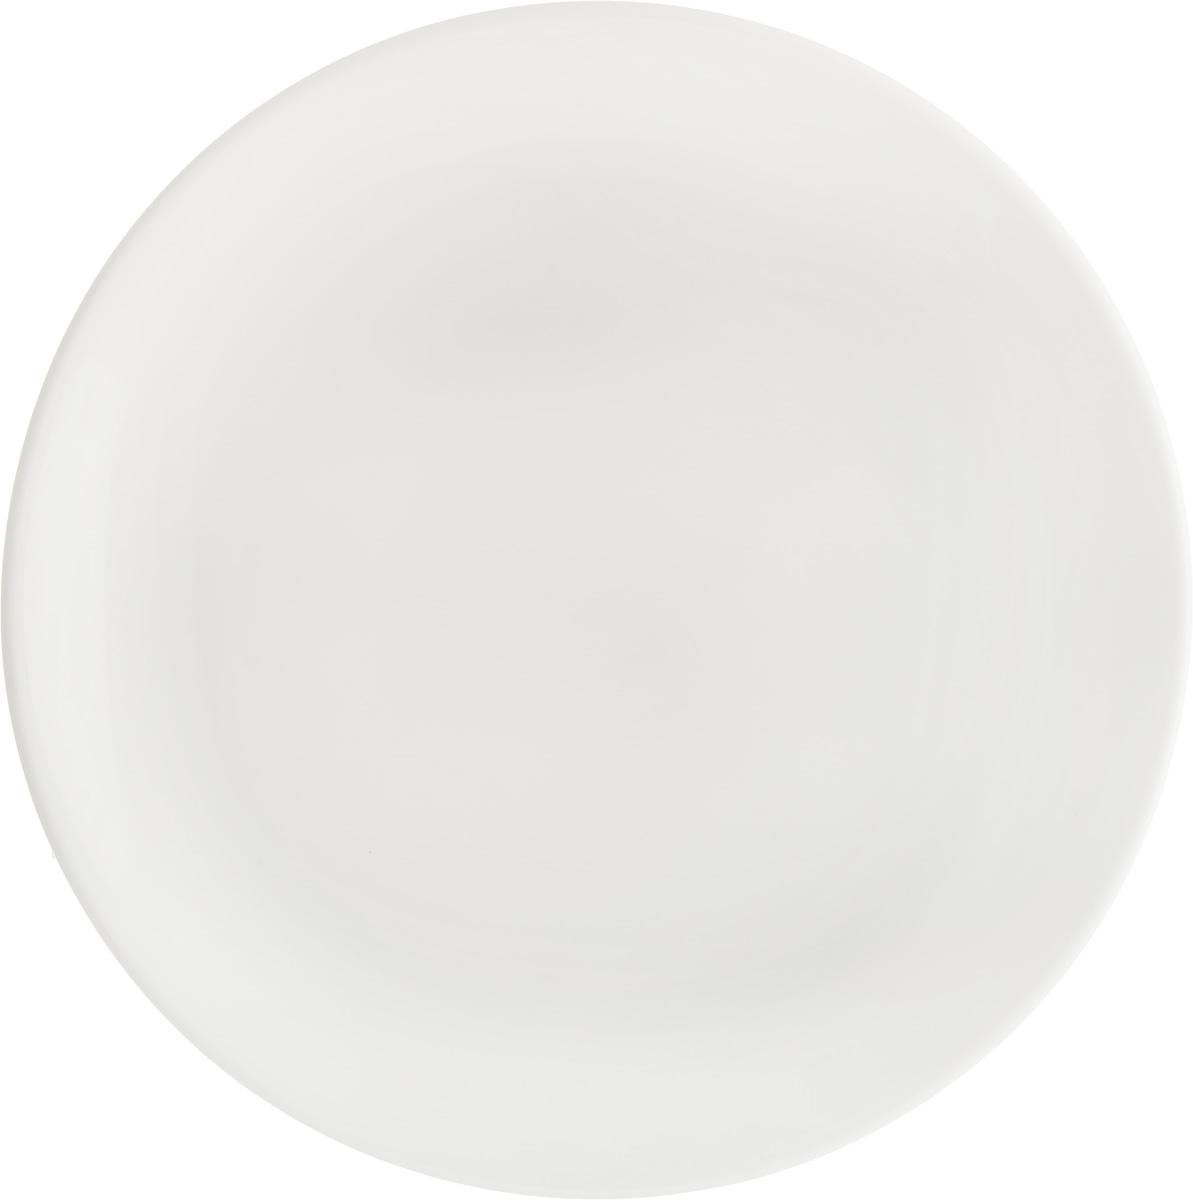 Тарелка Ariane Коуп, диаметр 18 см. AVCARN110183954000БТарелка Ariane Коуп, изготовленная из высококачественного фарфора, имеет классическую круглую форму. Такая тарелка отлично подойдет в качестве блюда для закусок и нарезок, а также для подачи различных десертов. Изделие прекрасно впишется в интерьер вашей кухни и станет достойным дополнением к кухонному инвентарю. Тарелка Ariane Коуп подчеркнет прекрасный вкус хозяйки и станет отличным подарком.Можно мыть в посудомоечной машине и использовать в микроволновой печи. Высота: 1,5 см.Диаметр тарелки: 18 см.